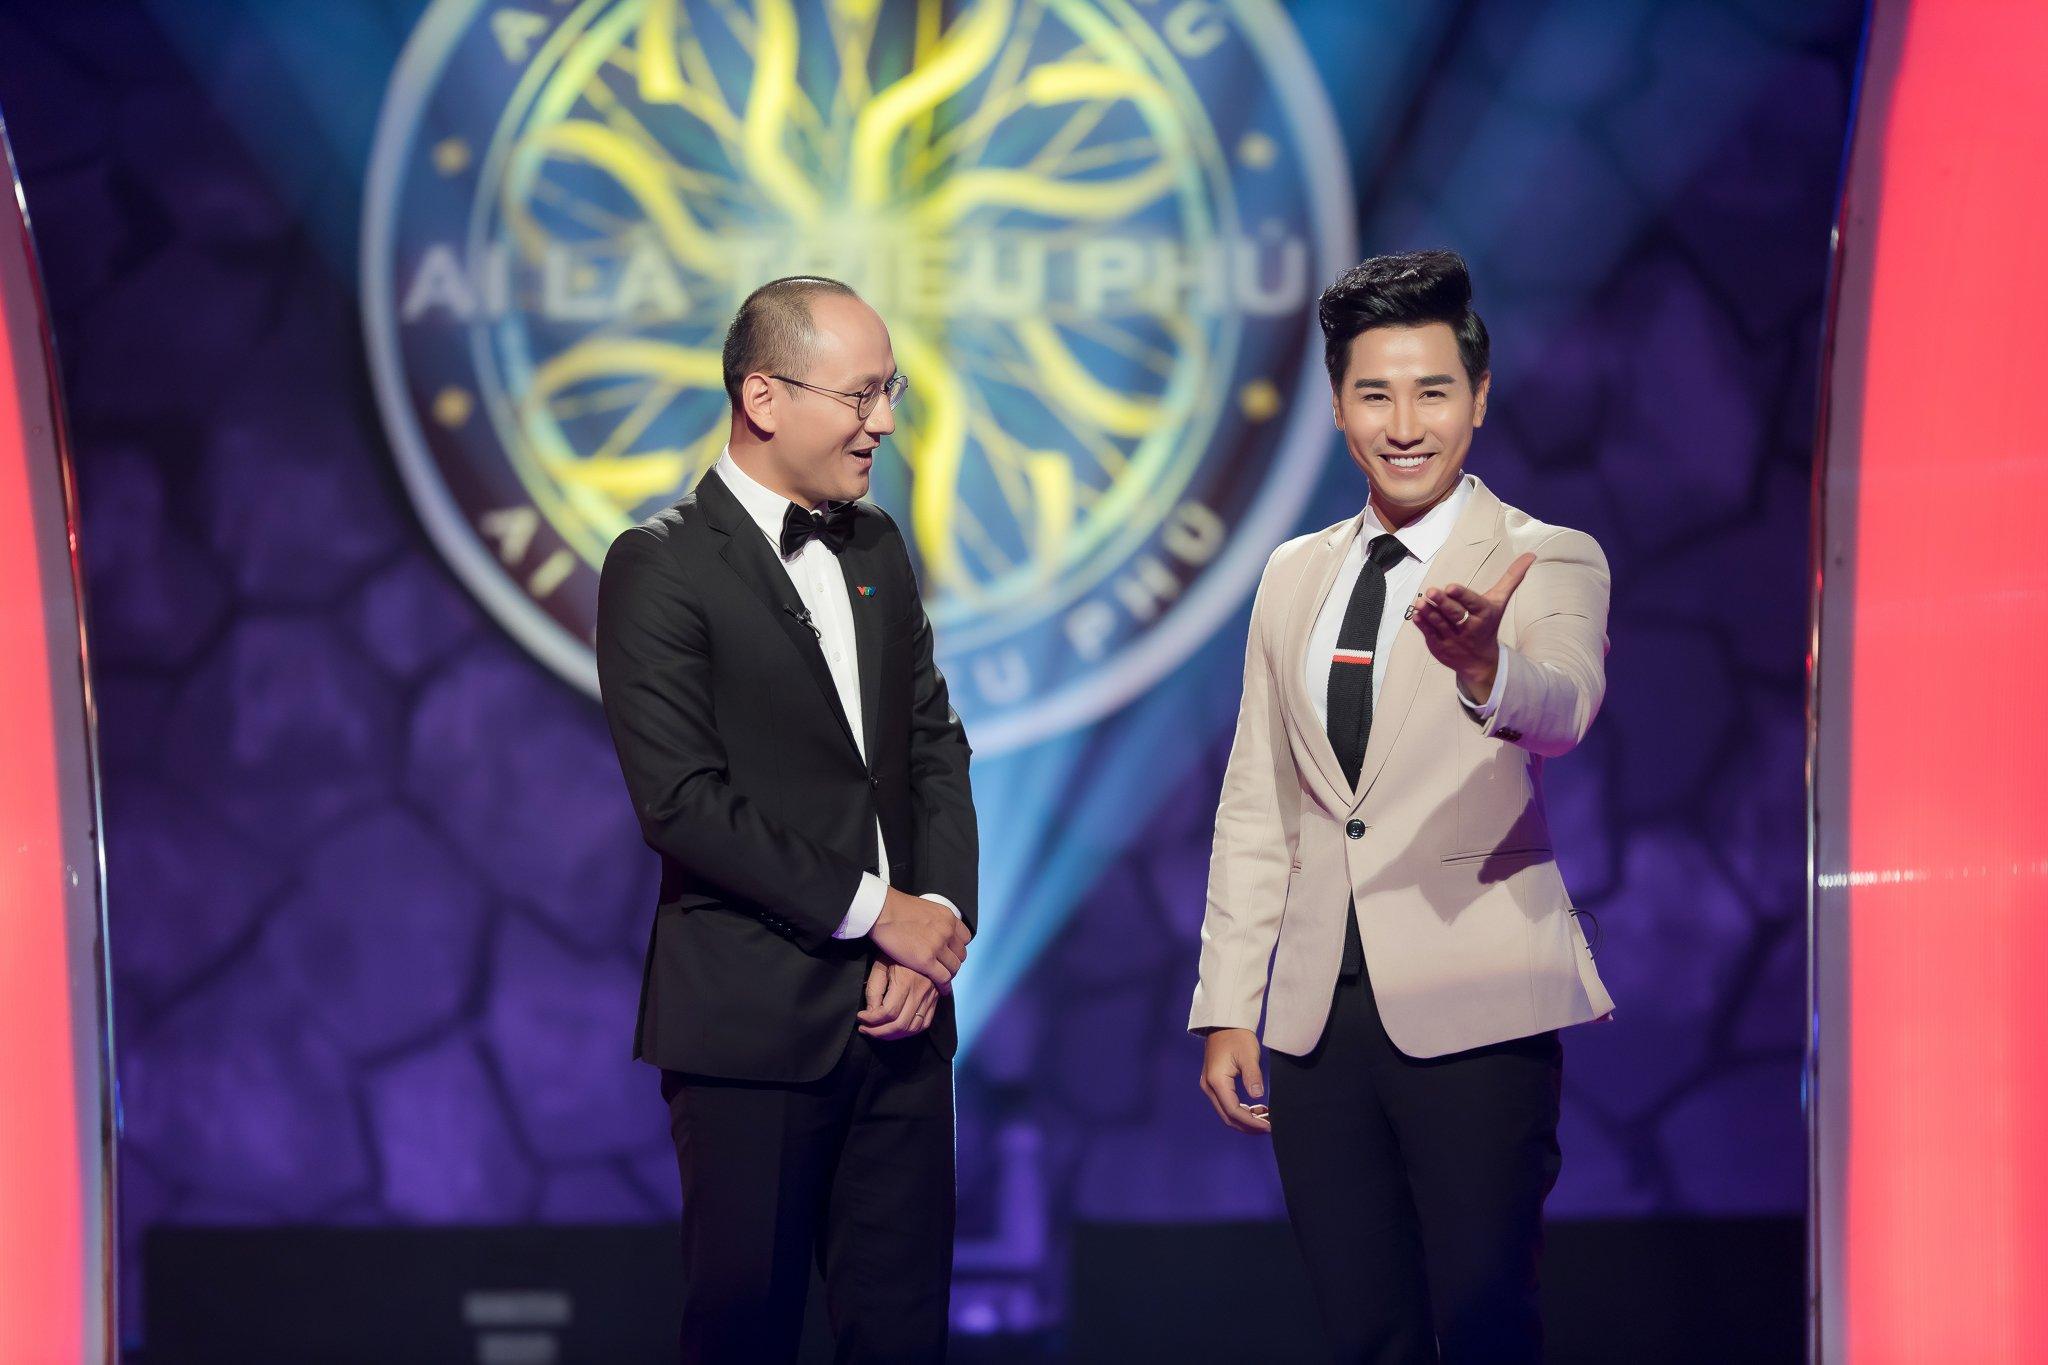 Phan Đăng ngỡ ngàng lần đầu bị 'cướp mic' trên sân khấu Ai là triệu phú 1